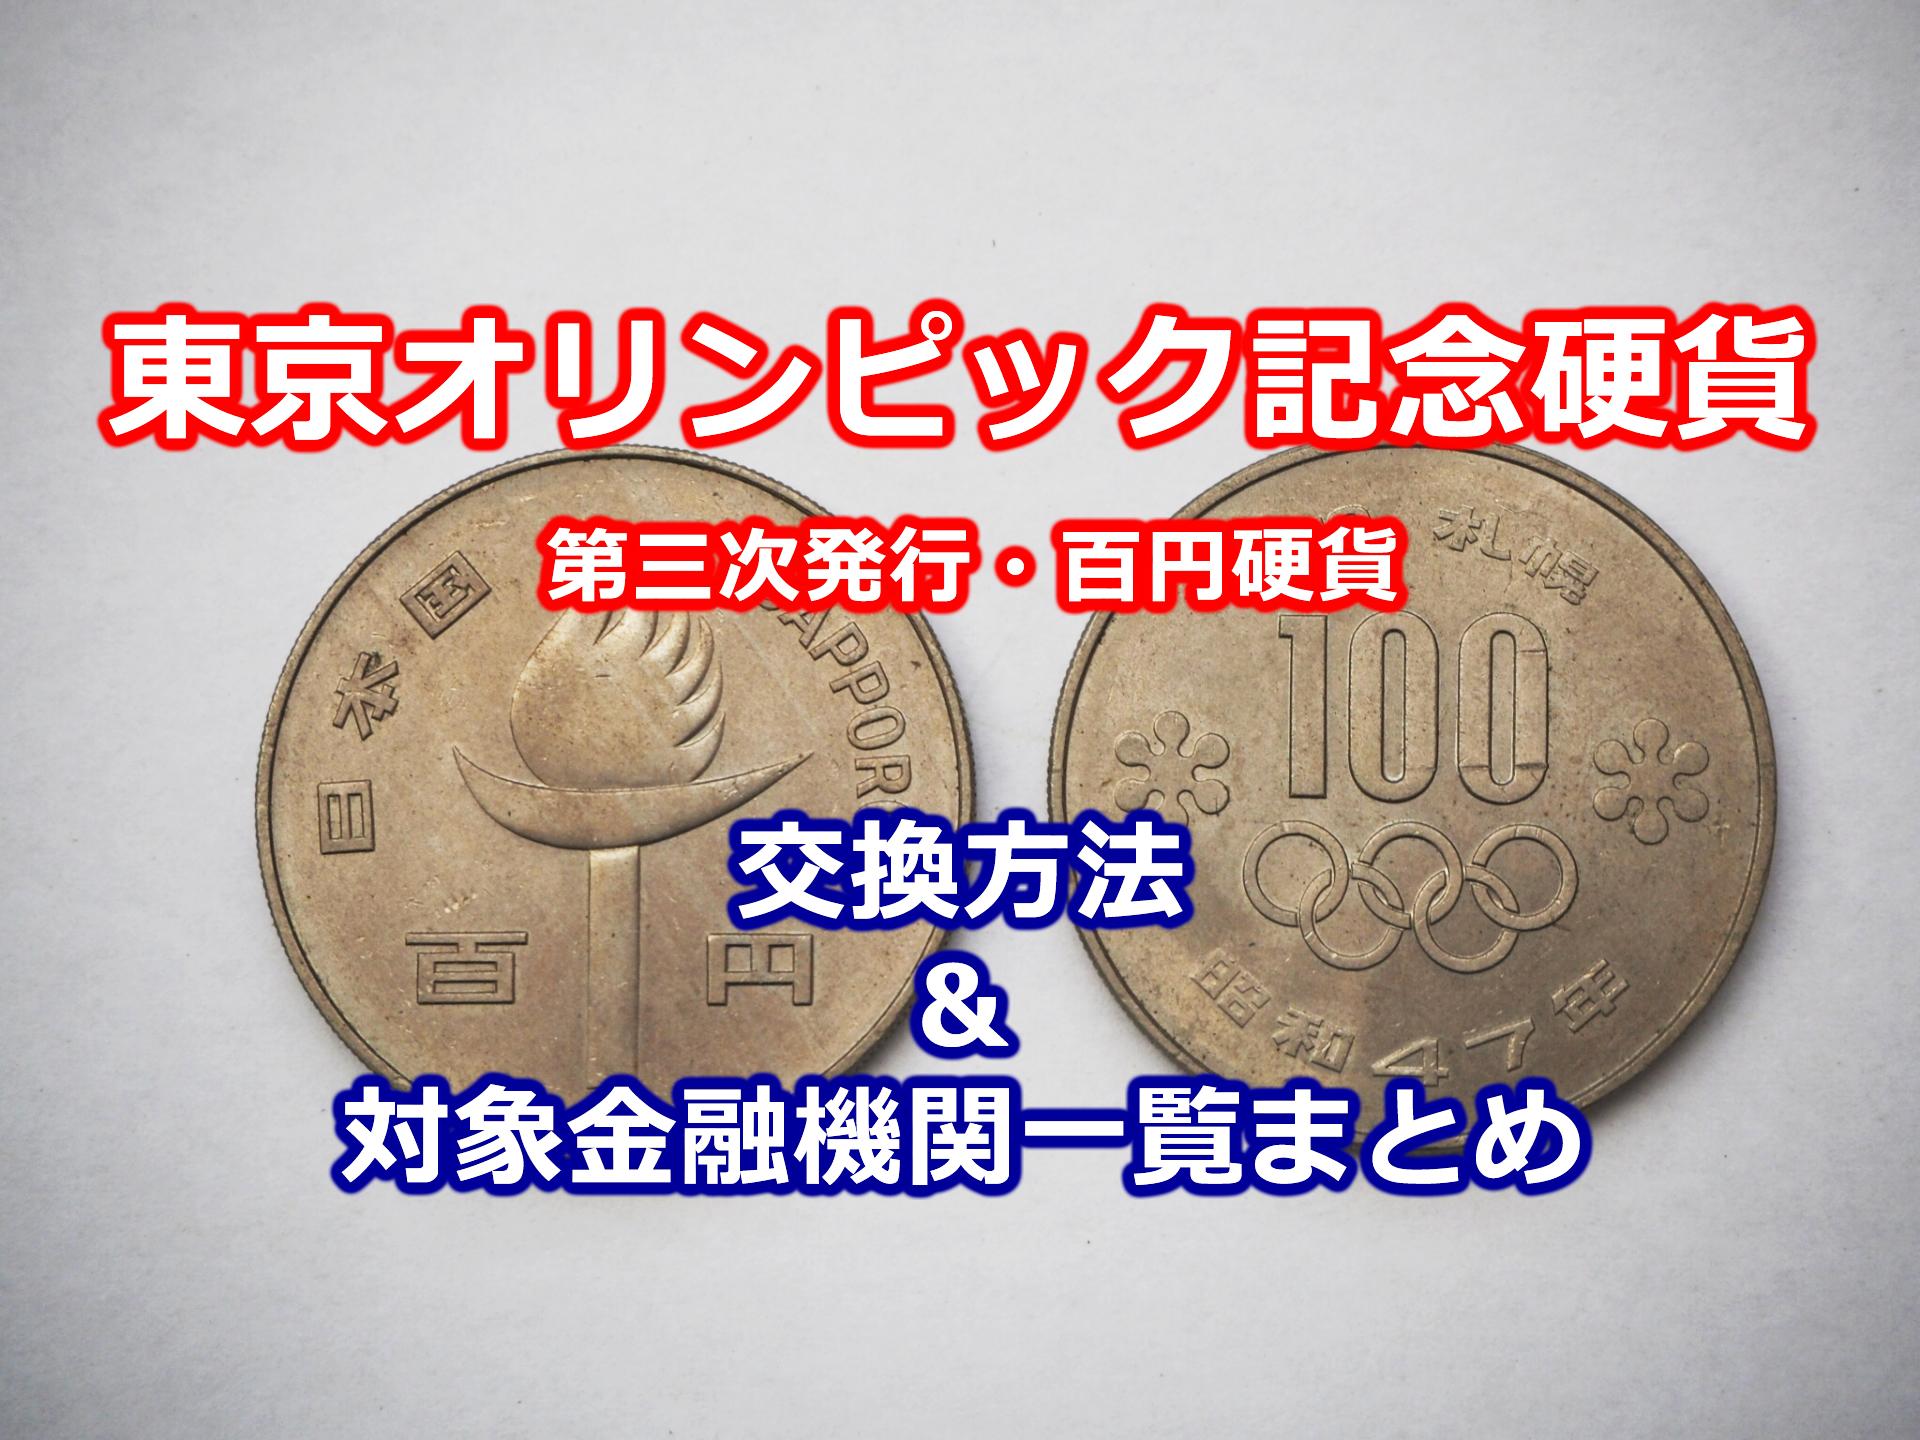 東京2020オリンピック・パラリンピック記念硬貨(第三次発行・百円クラッド硬貨)の交換方法&引き換え可能な全国の金融機関一覧まとめ